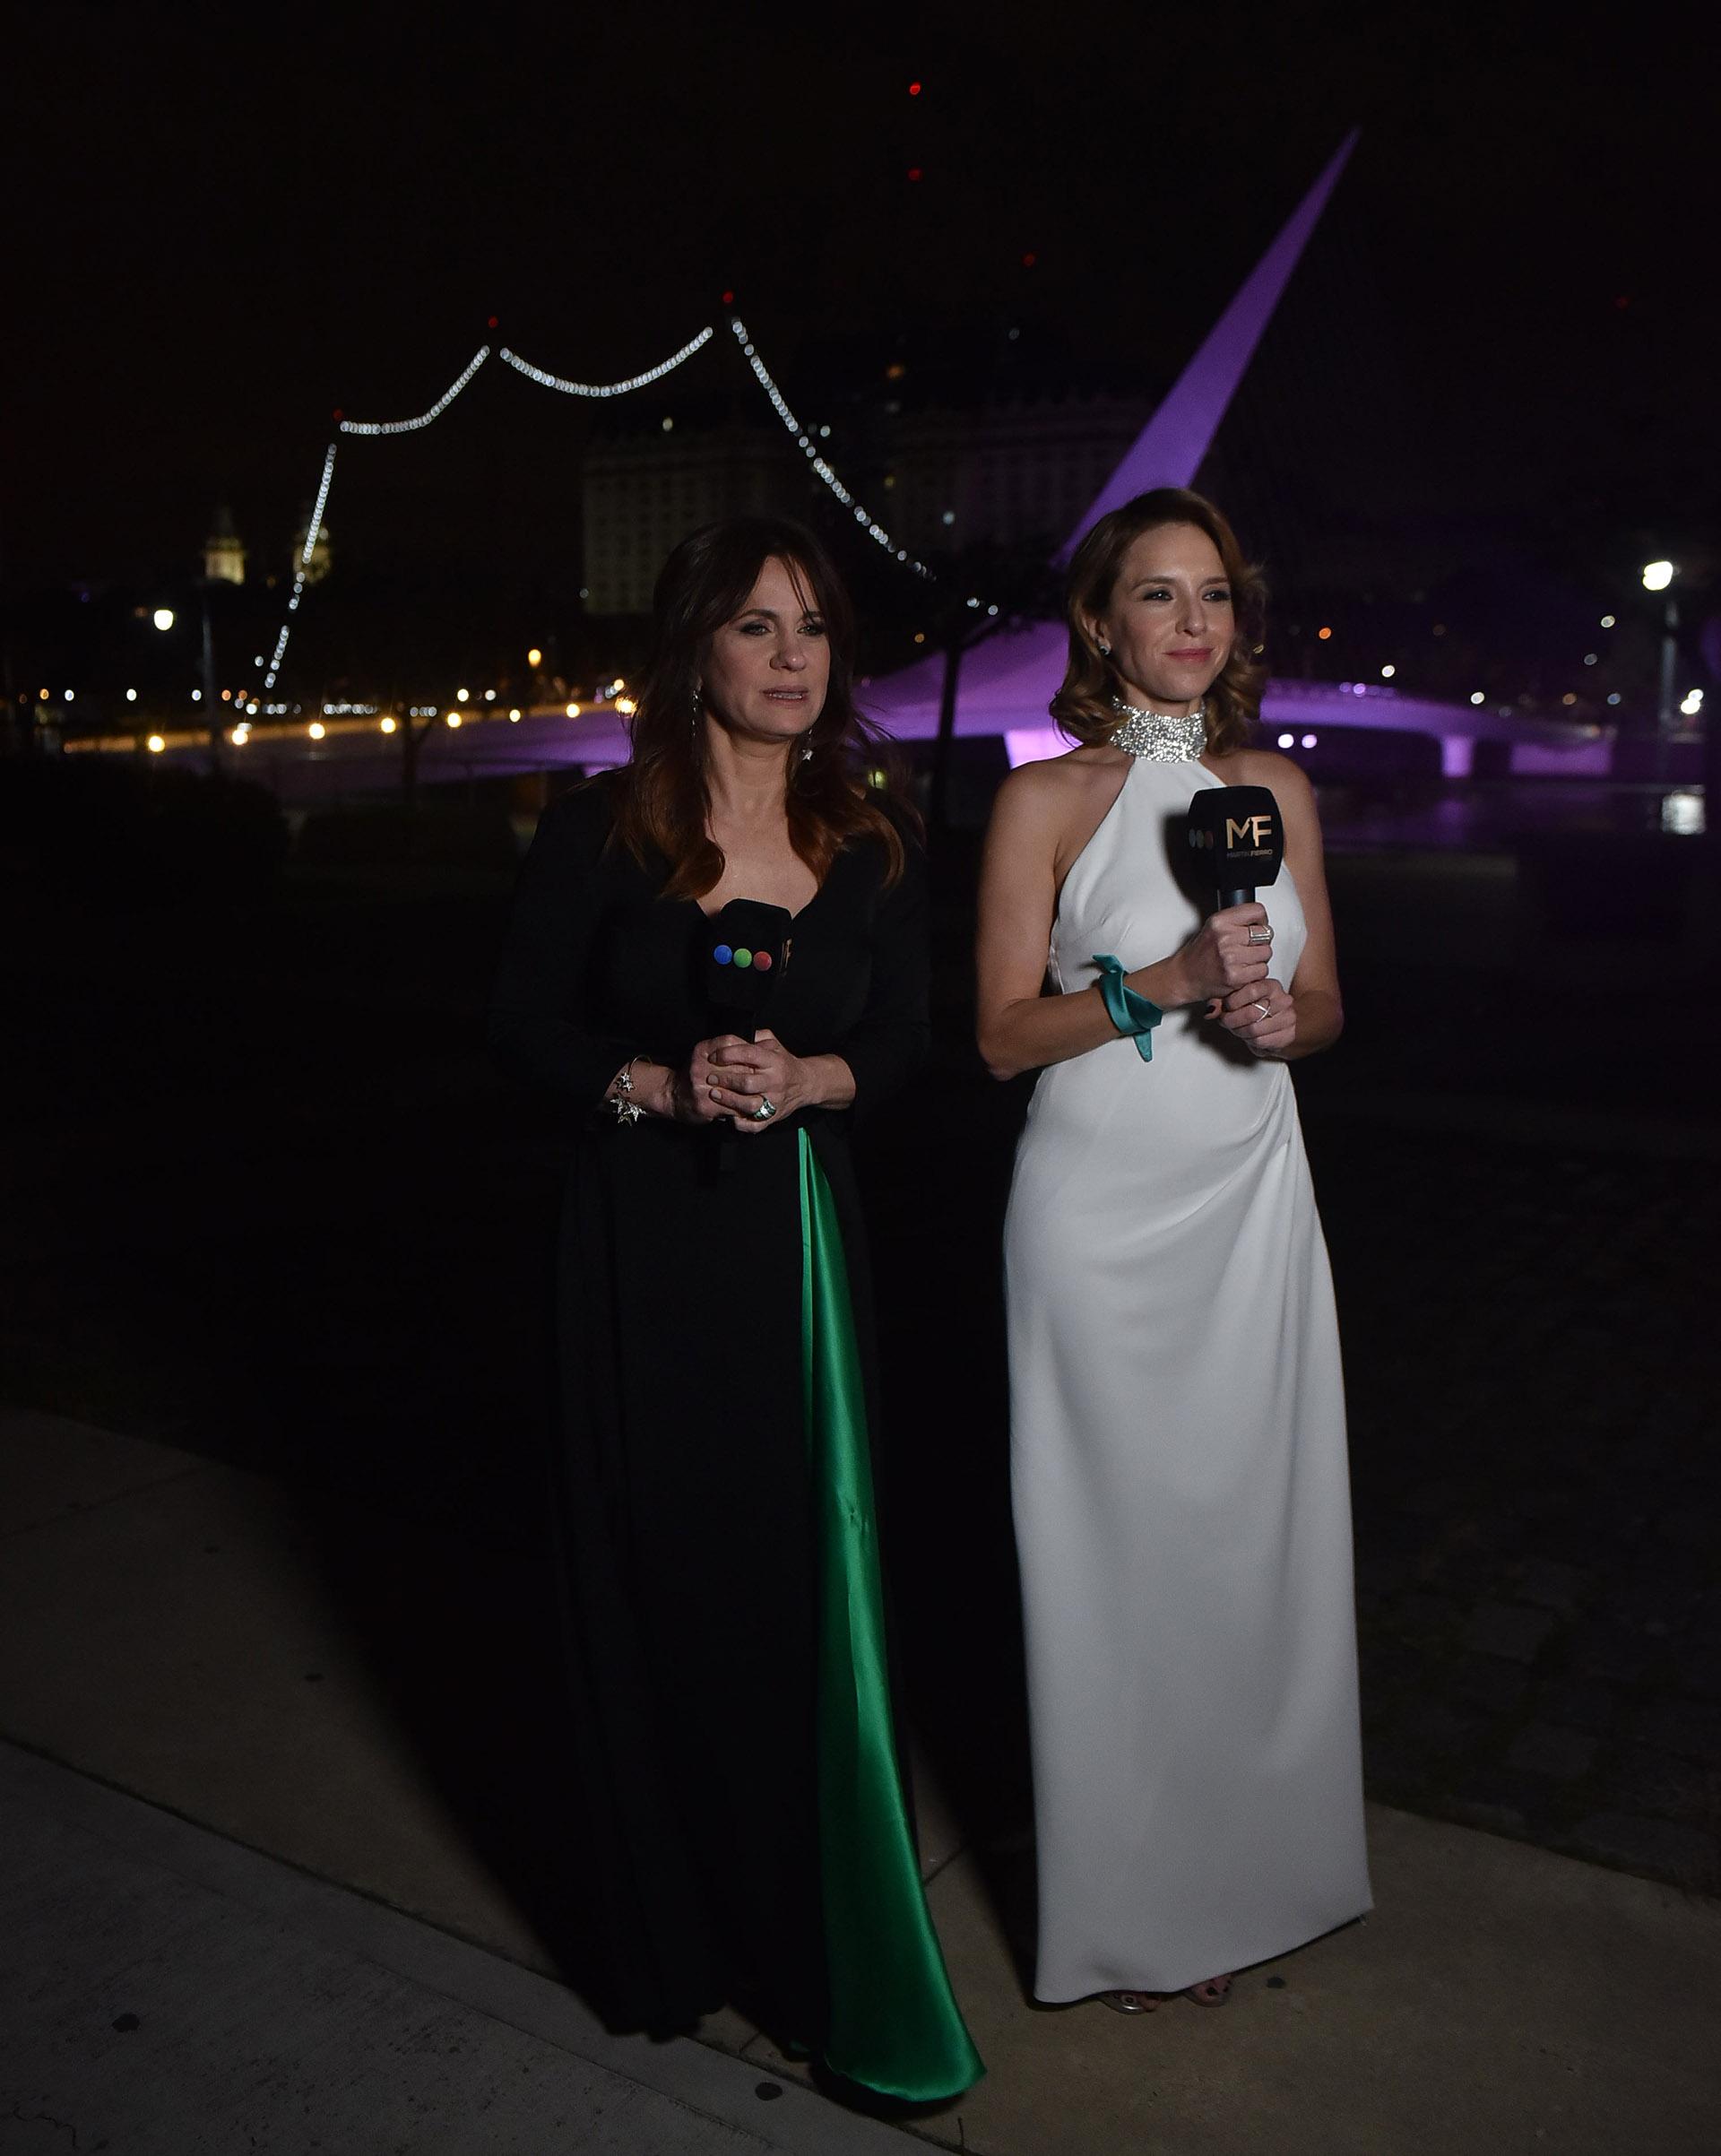 """Nancy Duplaá y Carla Peterson -blanco total de El Camarín- presentaron un premio en el emblemático """"Puente de la Mujer"""" de Puerto Madero. Nancy llevó el color verde en el tajo de su vestido."""